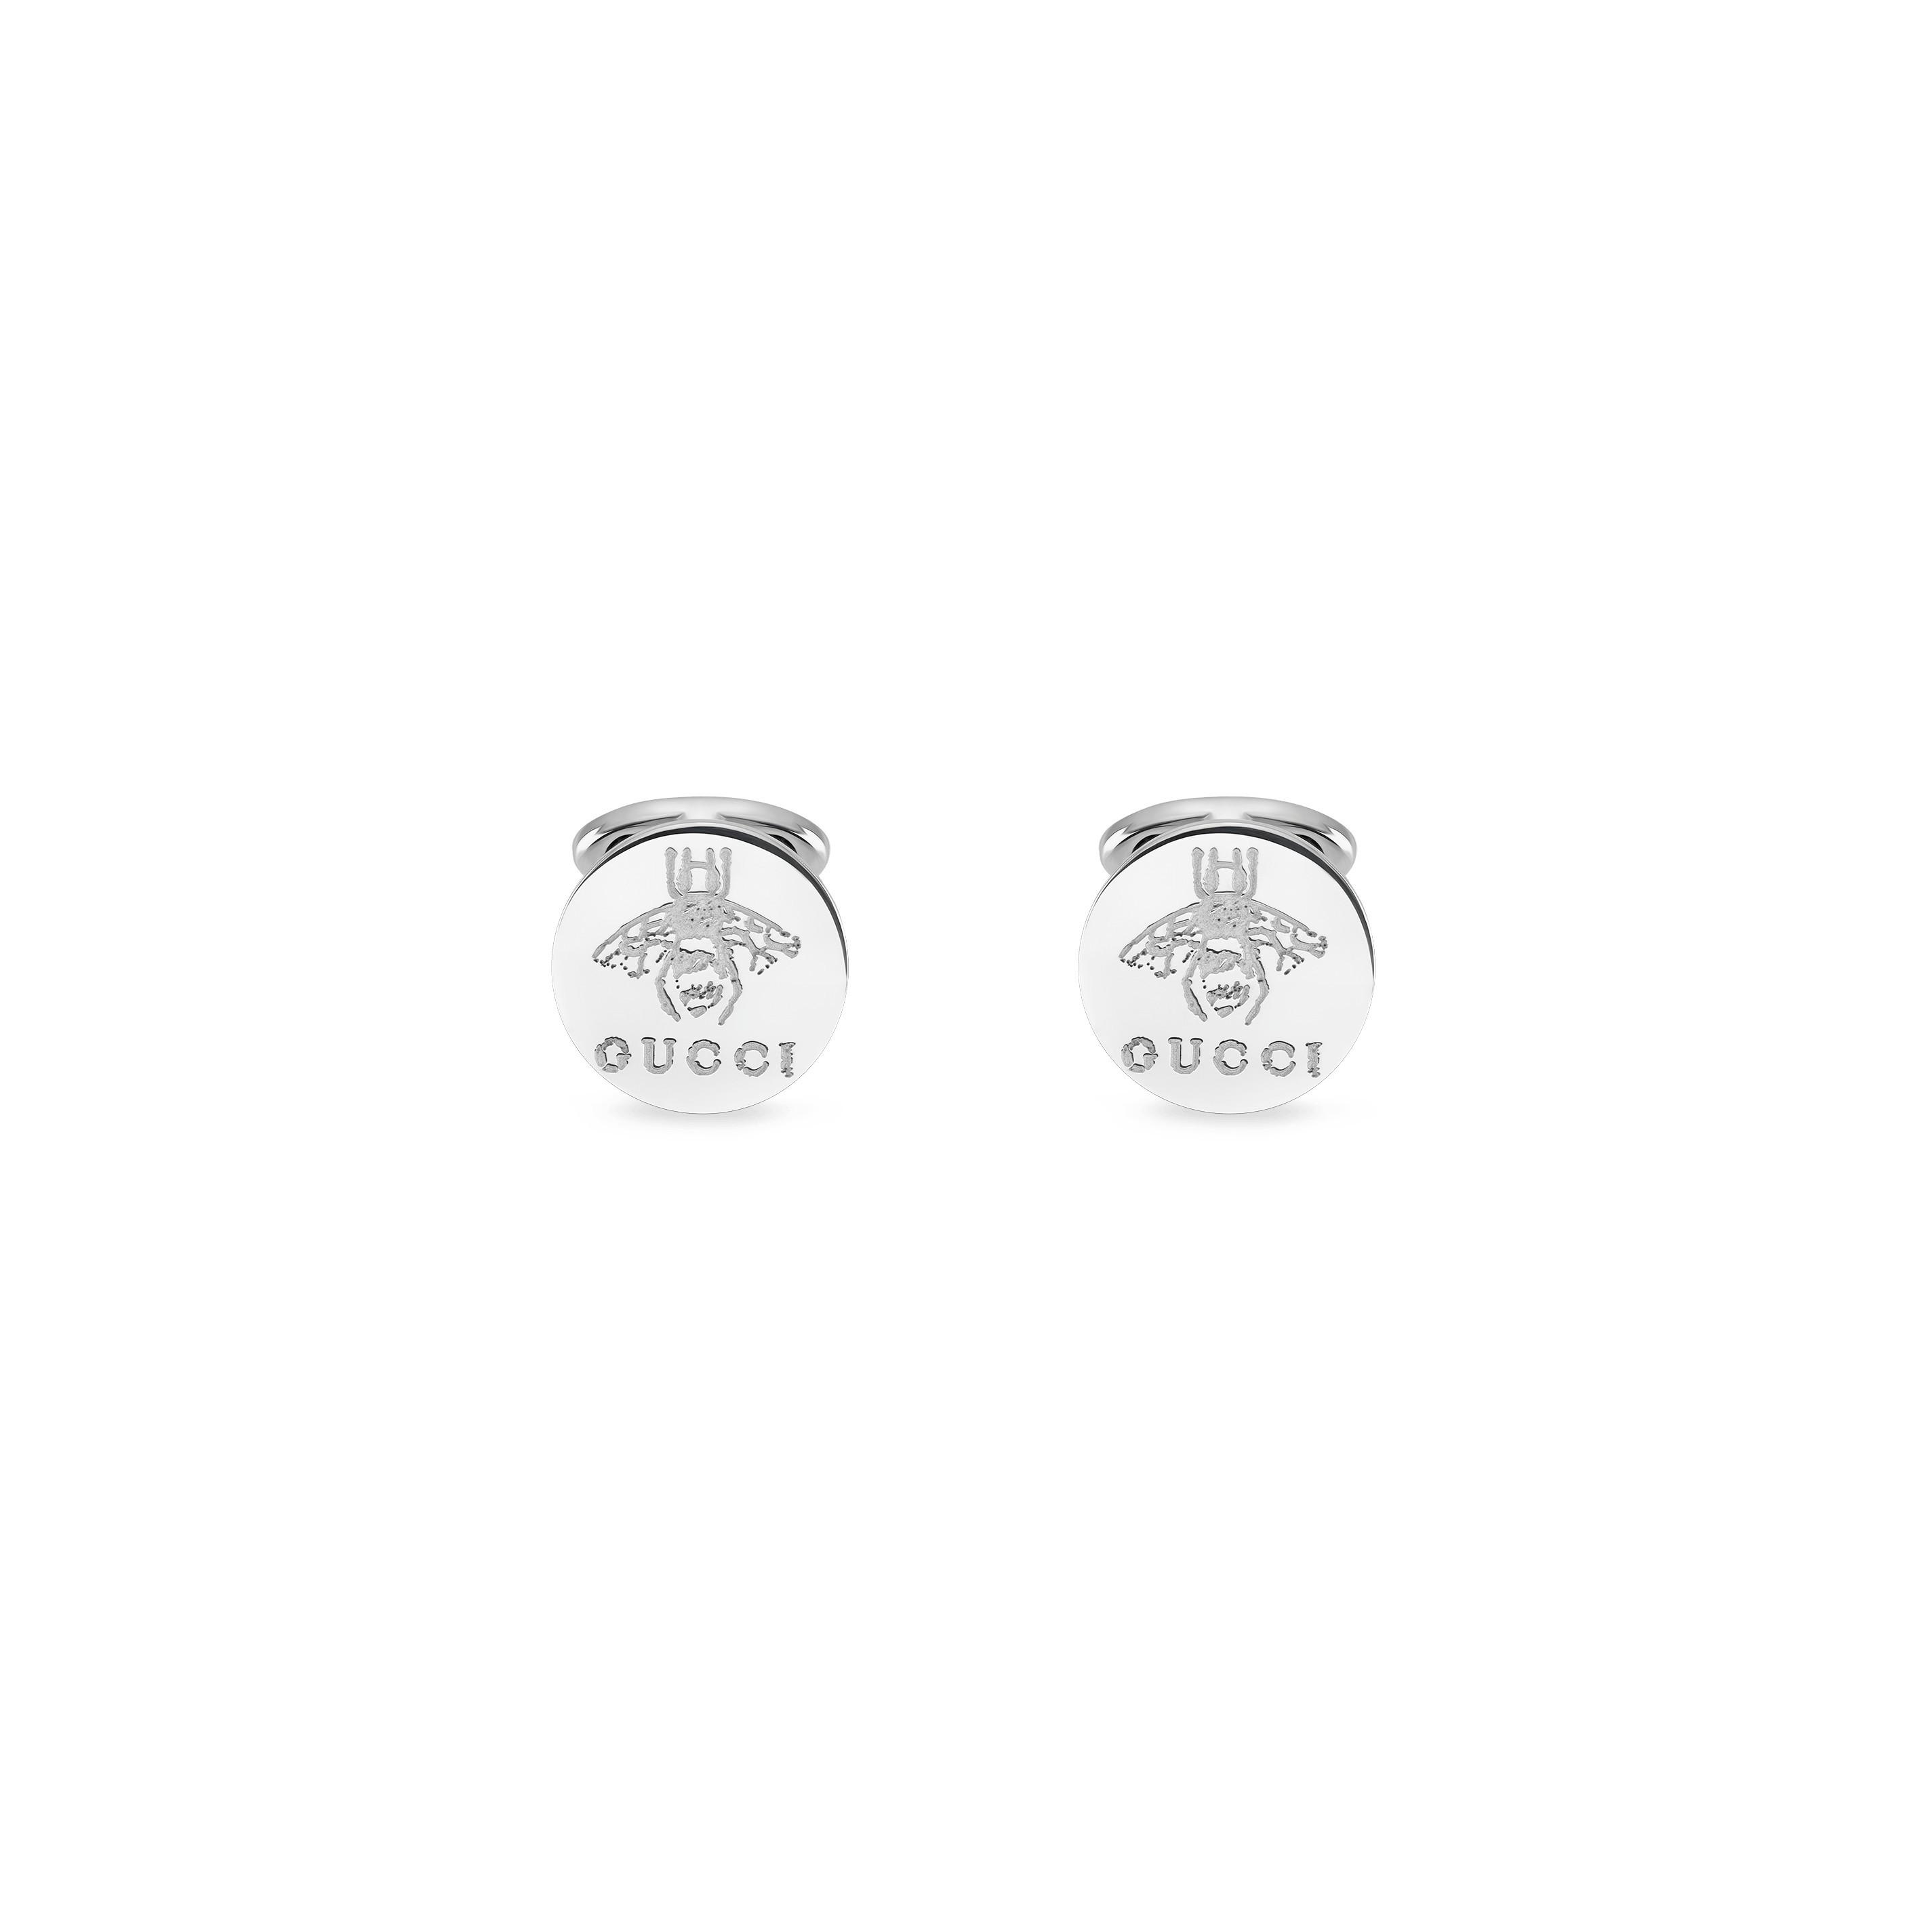 f940840c6 GUCCI GEMELLI CON API - Lattuca gioielli